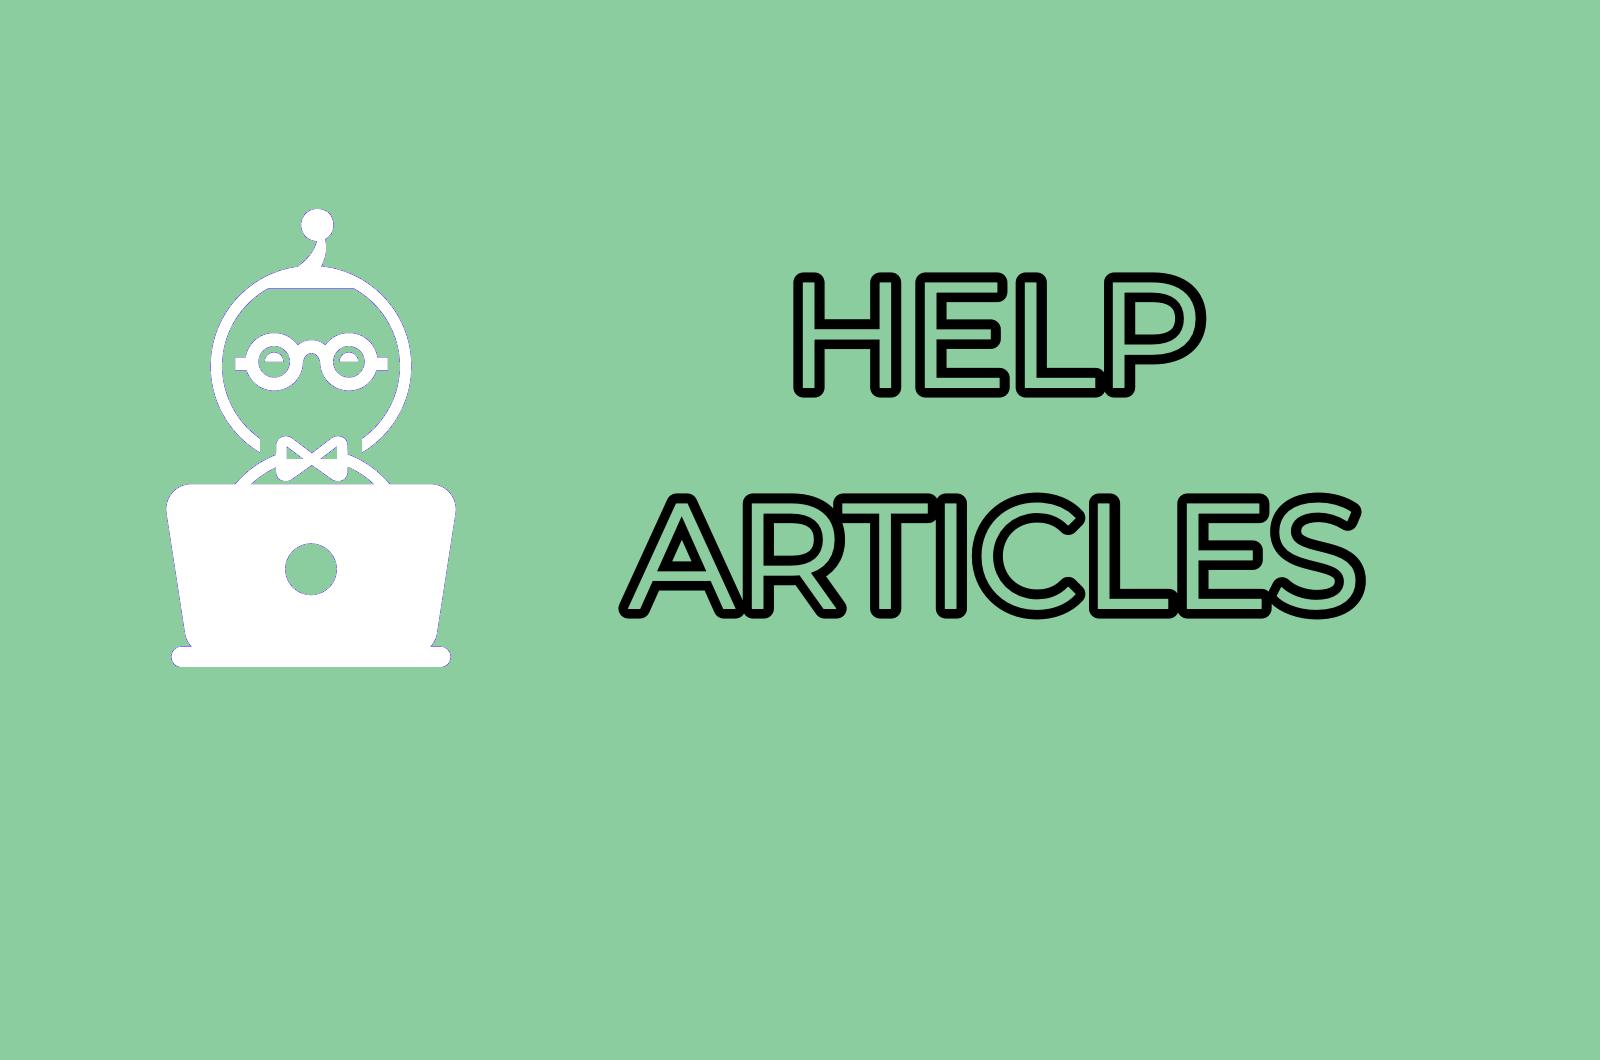 HELP ARTICLES    OPEN